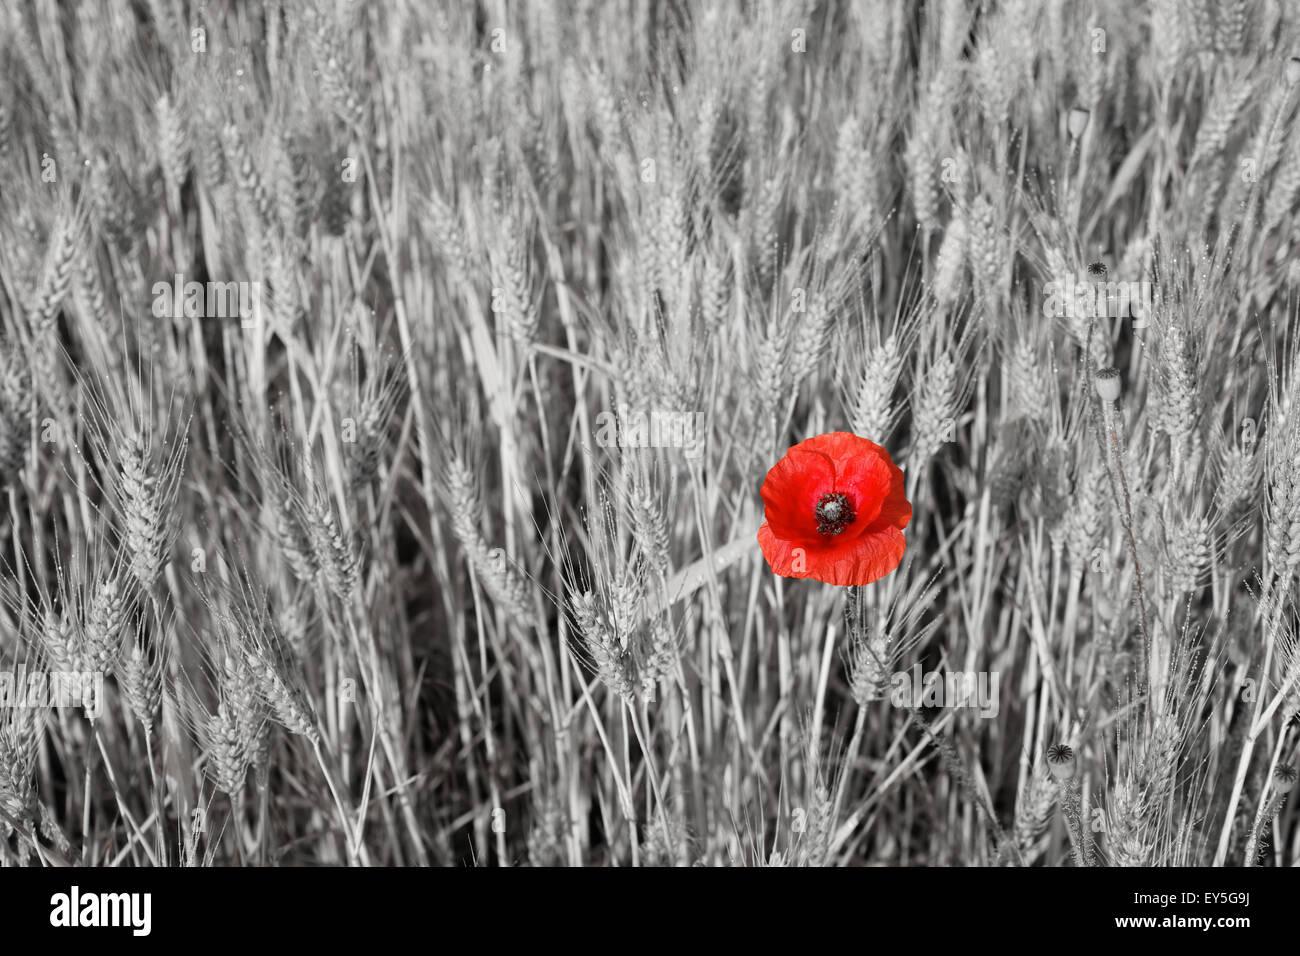 Poppy flower in a wheat field - France - Stock Image